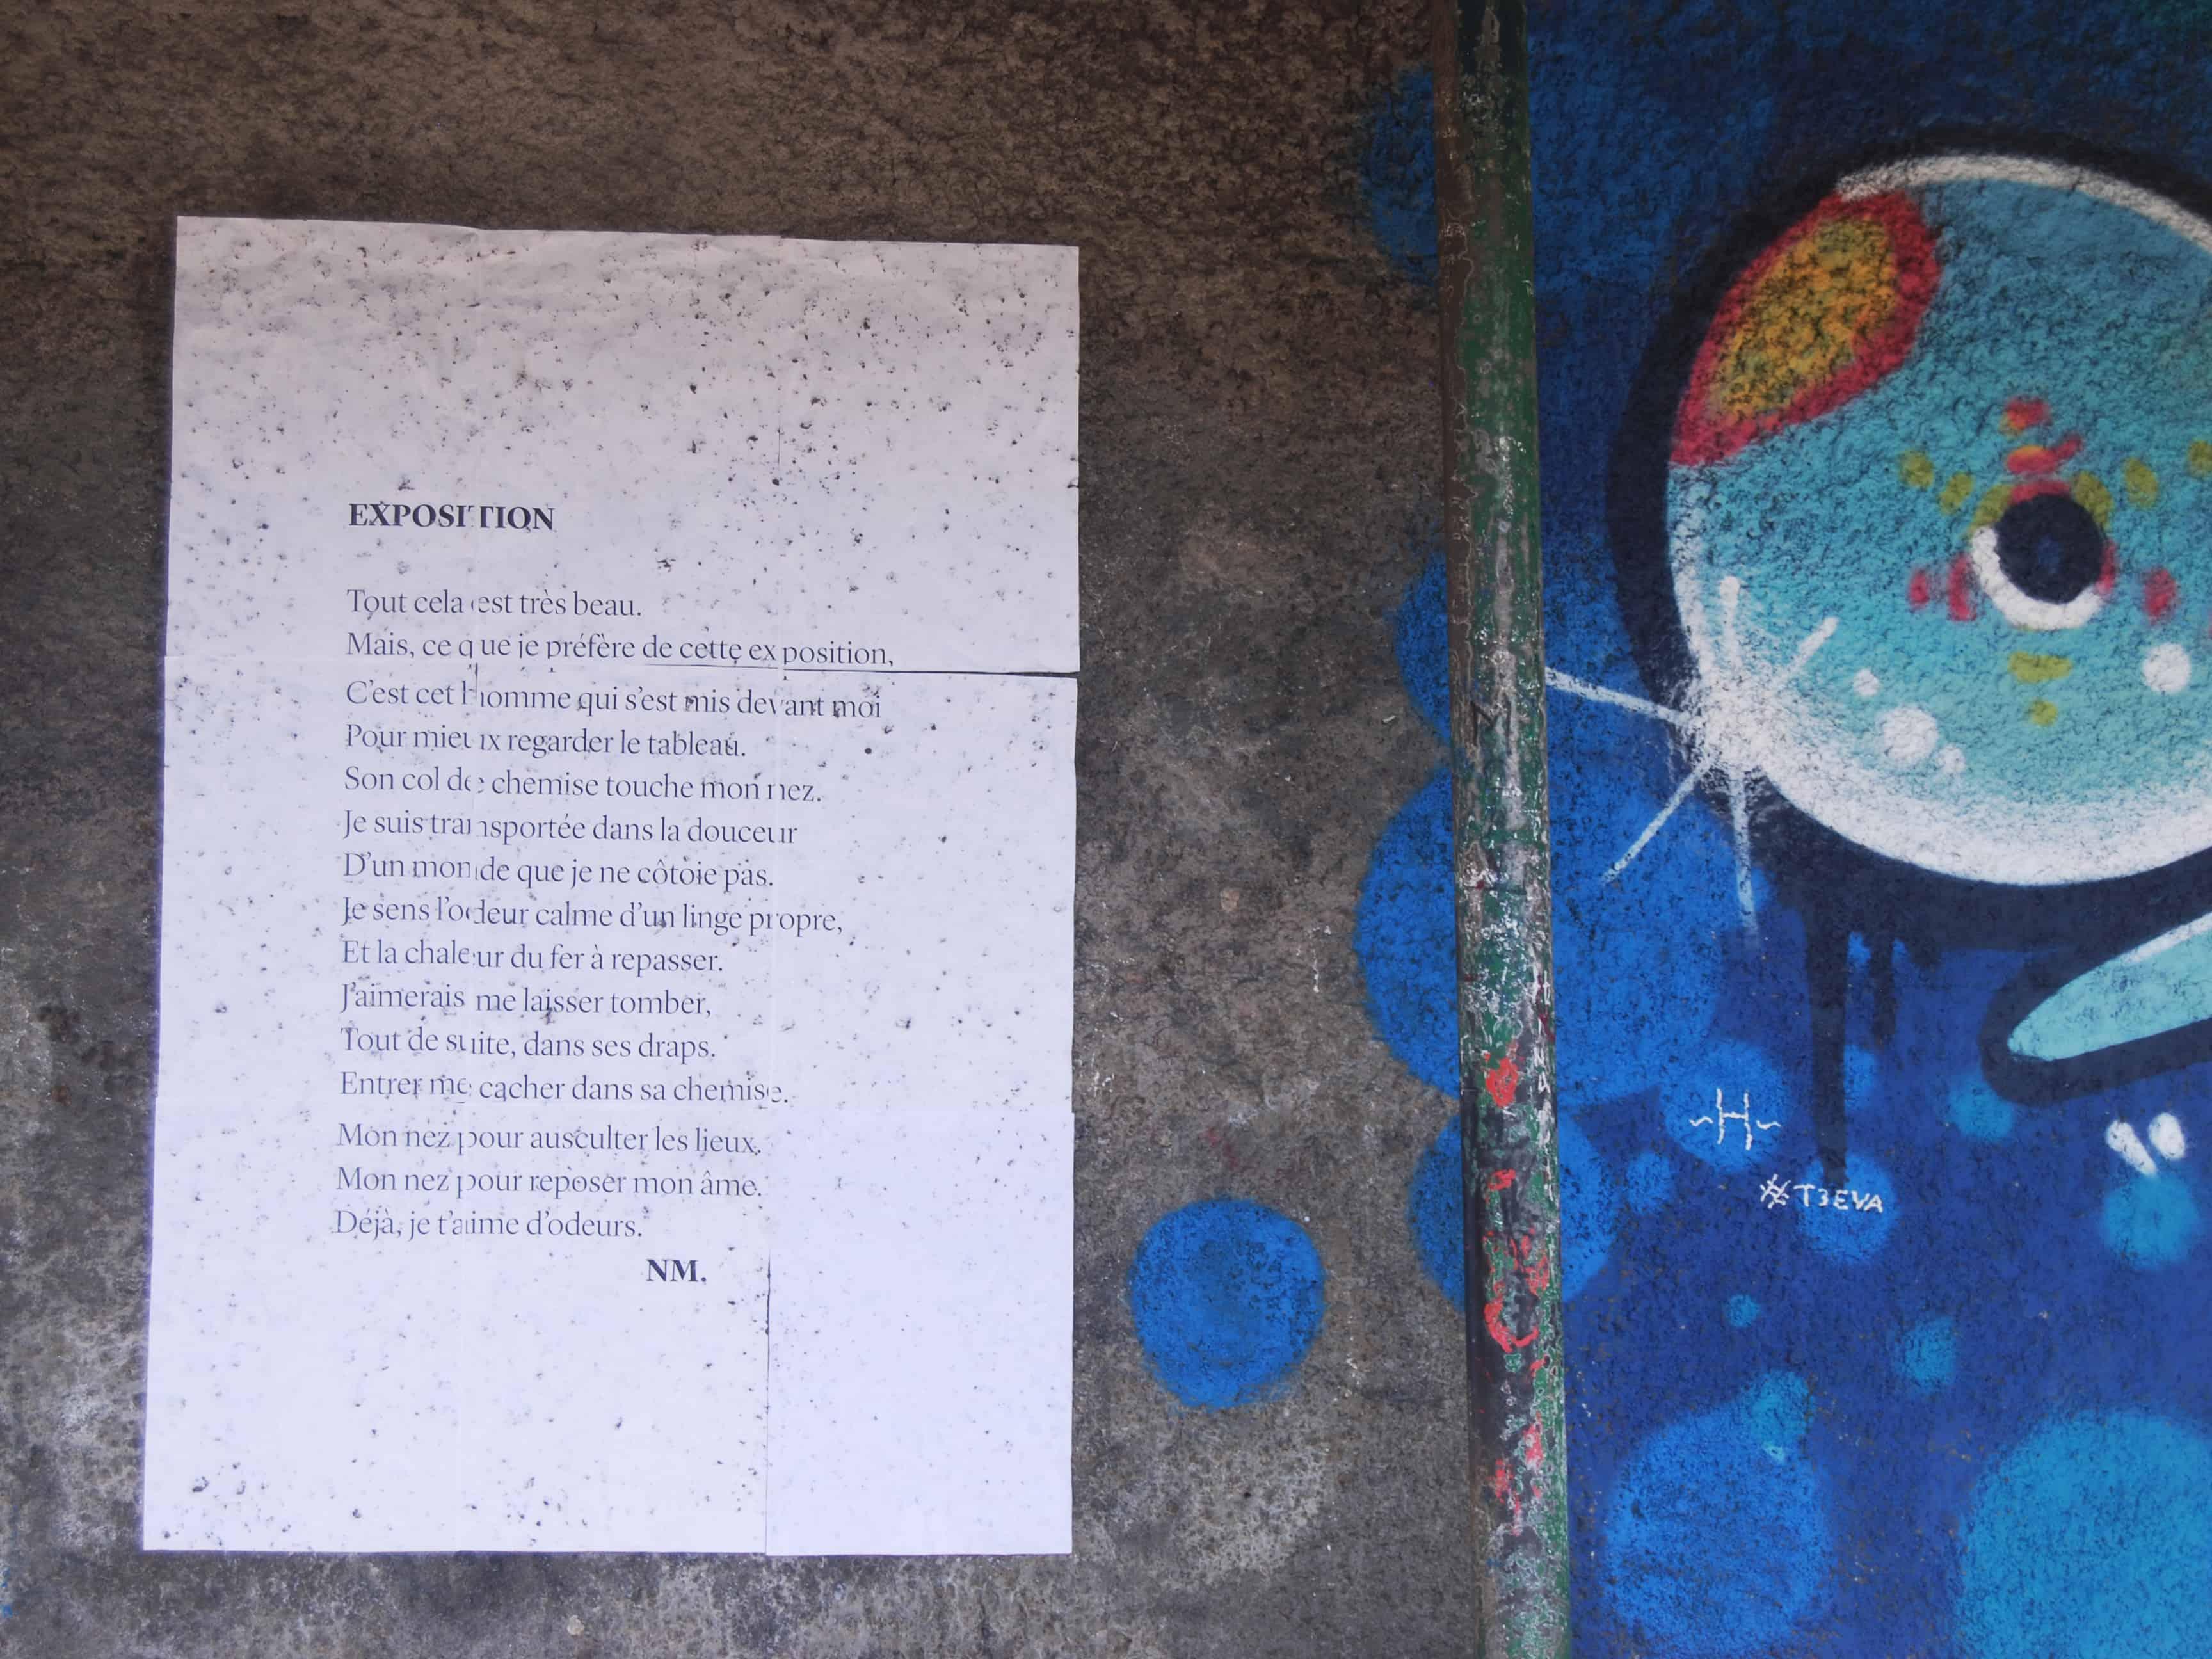 exposition, papeete, nathalie man, poésie